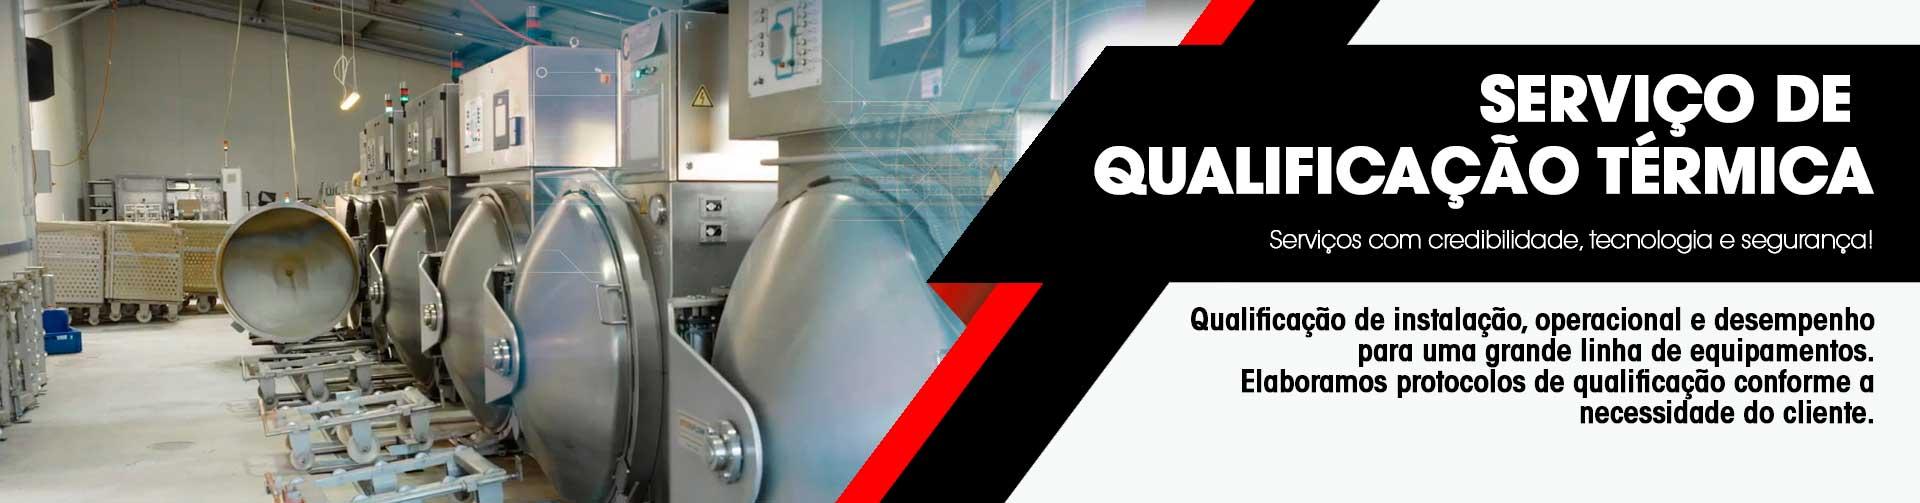 Empresa de qualificação térmica